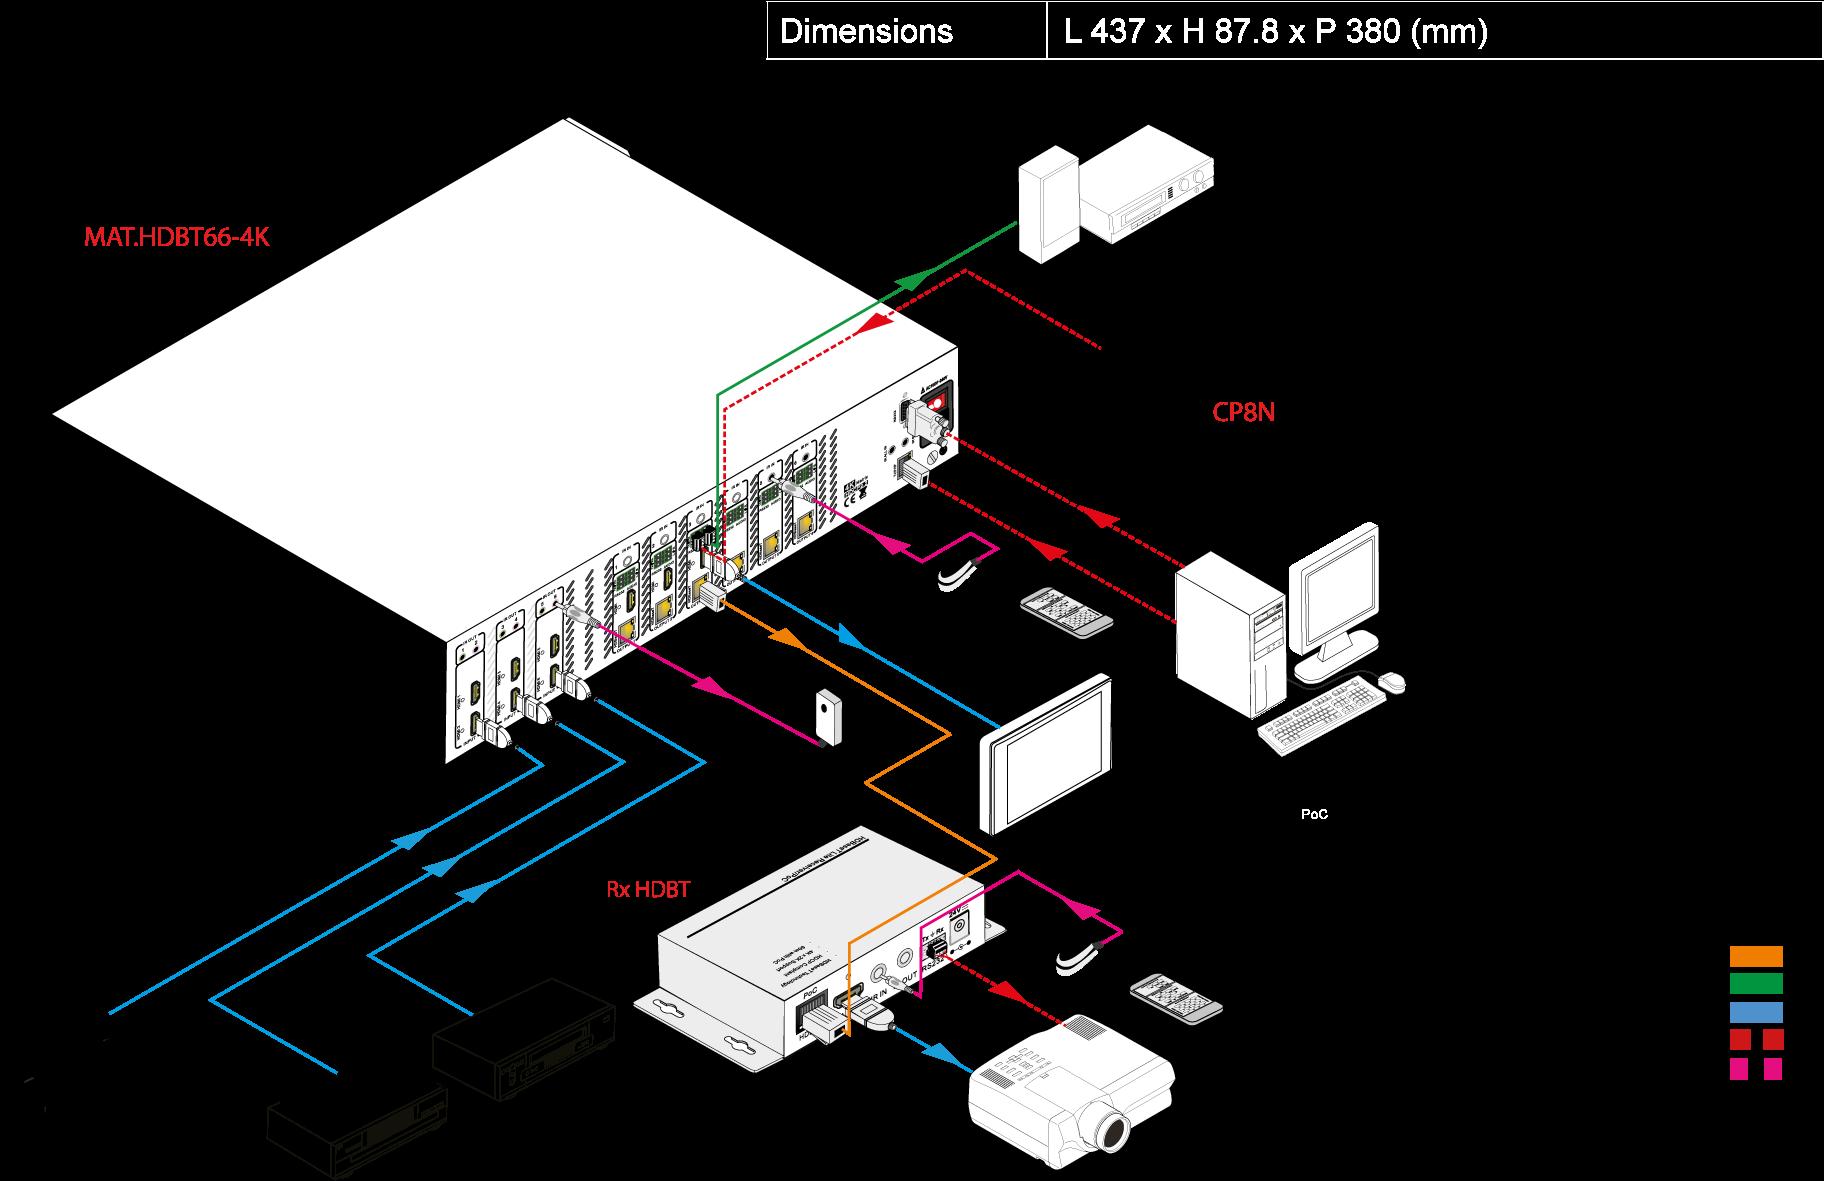 MAT.HDBT66-4K | Matrice hybride 66 HDBaseT